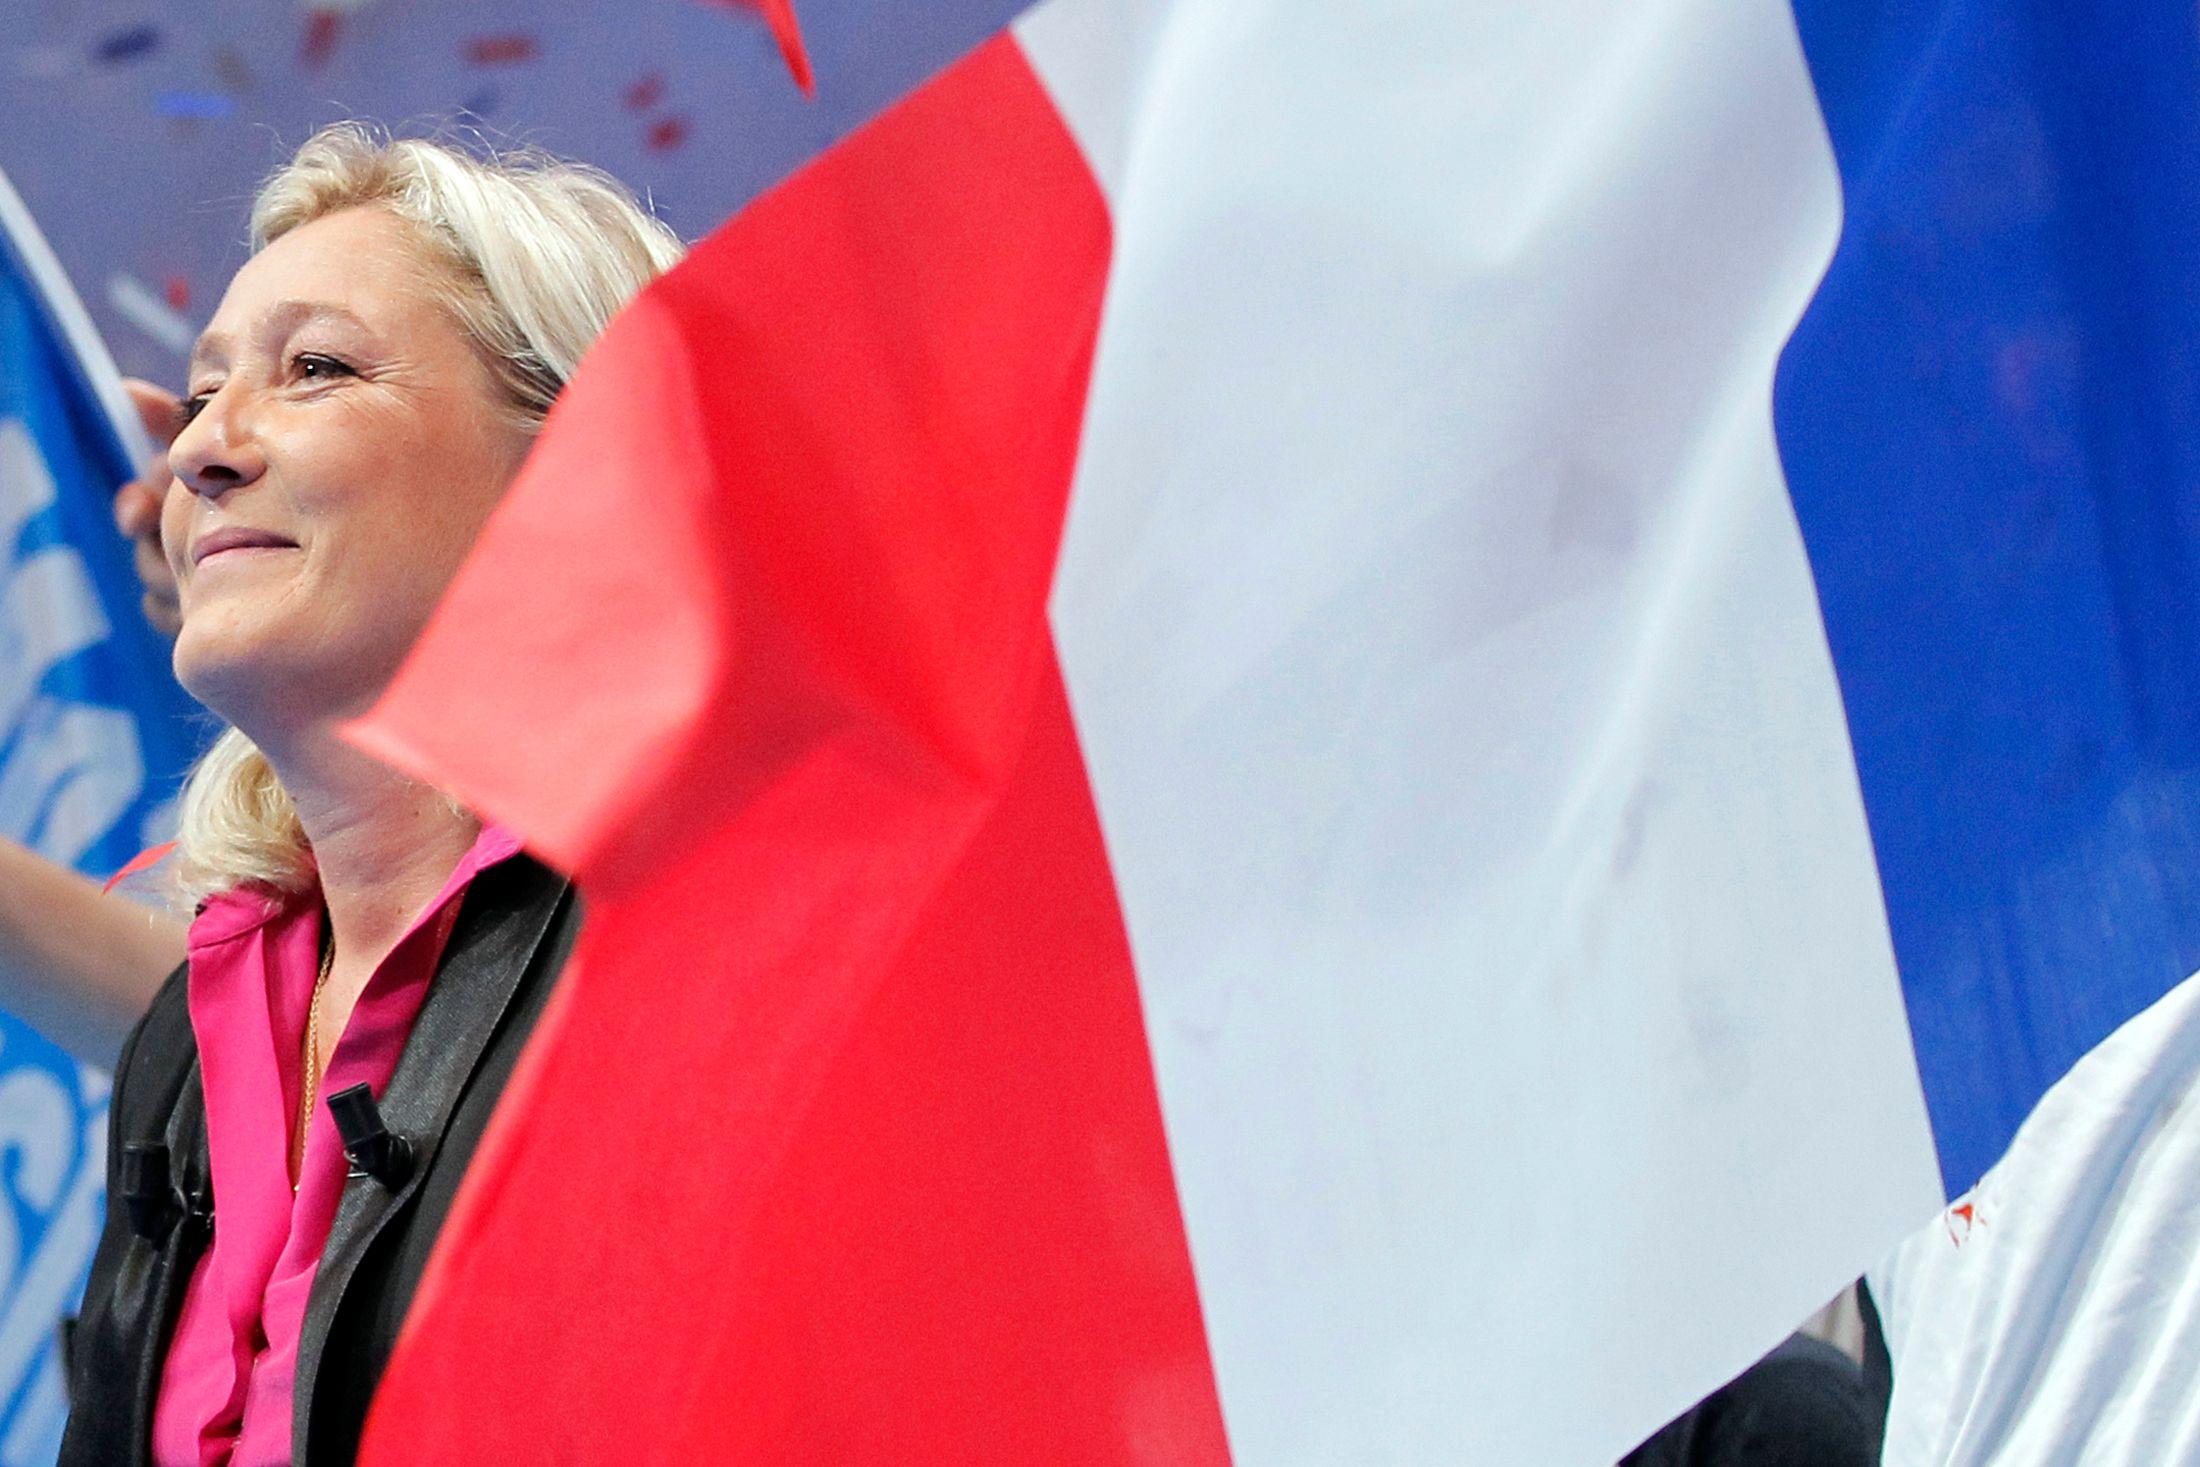 """34% des Français se sentent """"proches des idées"""" de la présidente du Front national, selon un sondage Ifop pour Valeurs actuelles publié mercredi."""